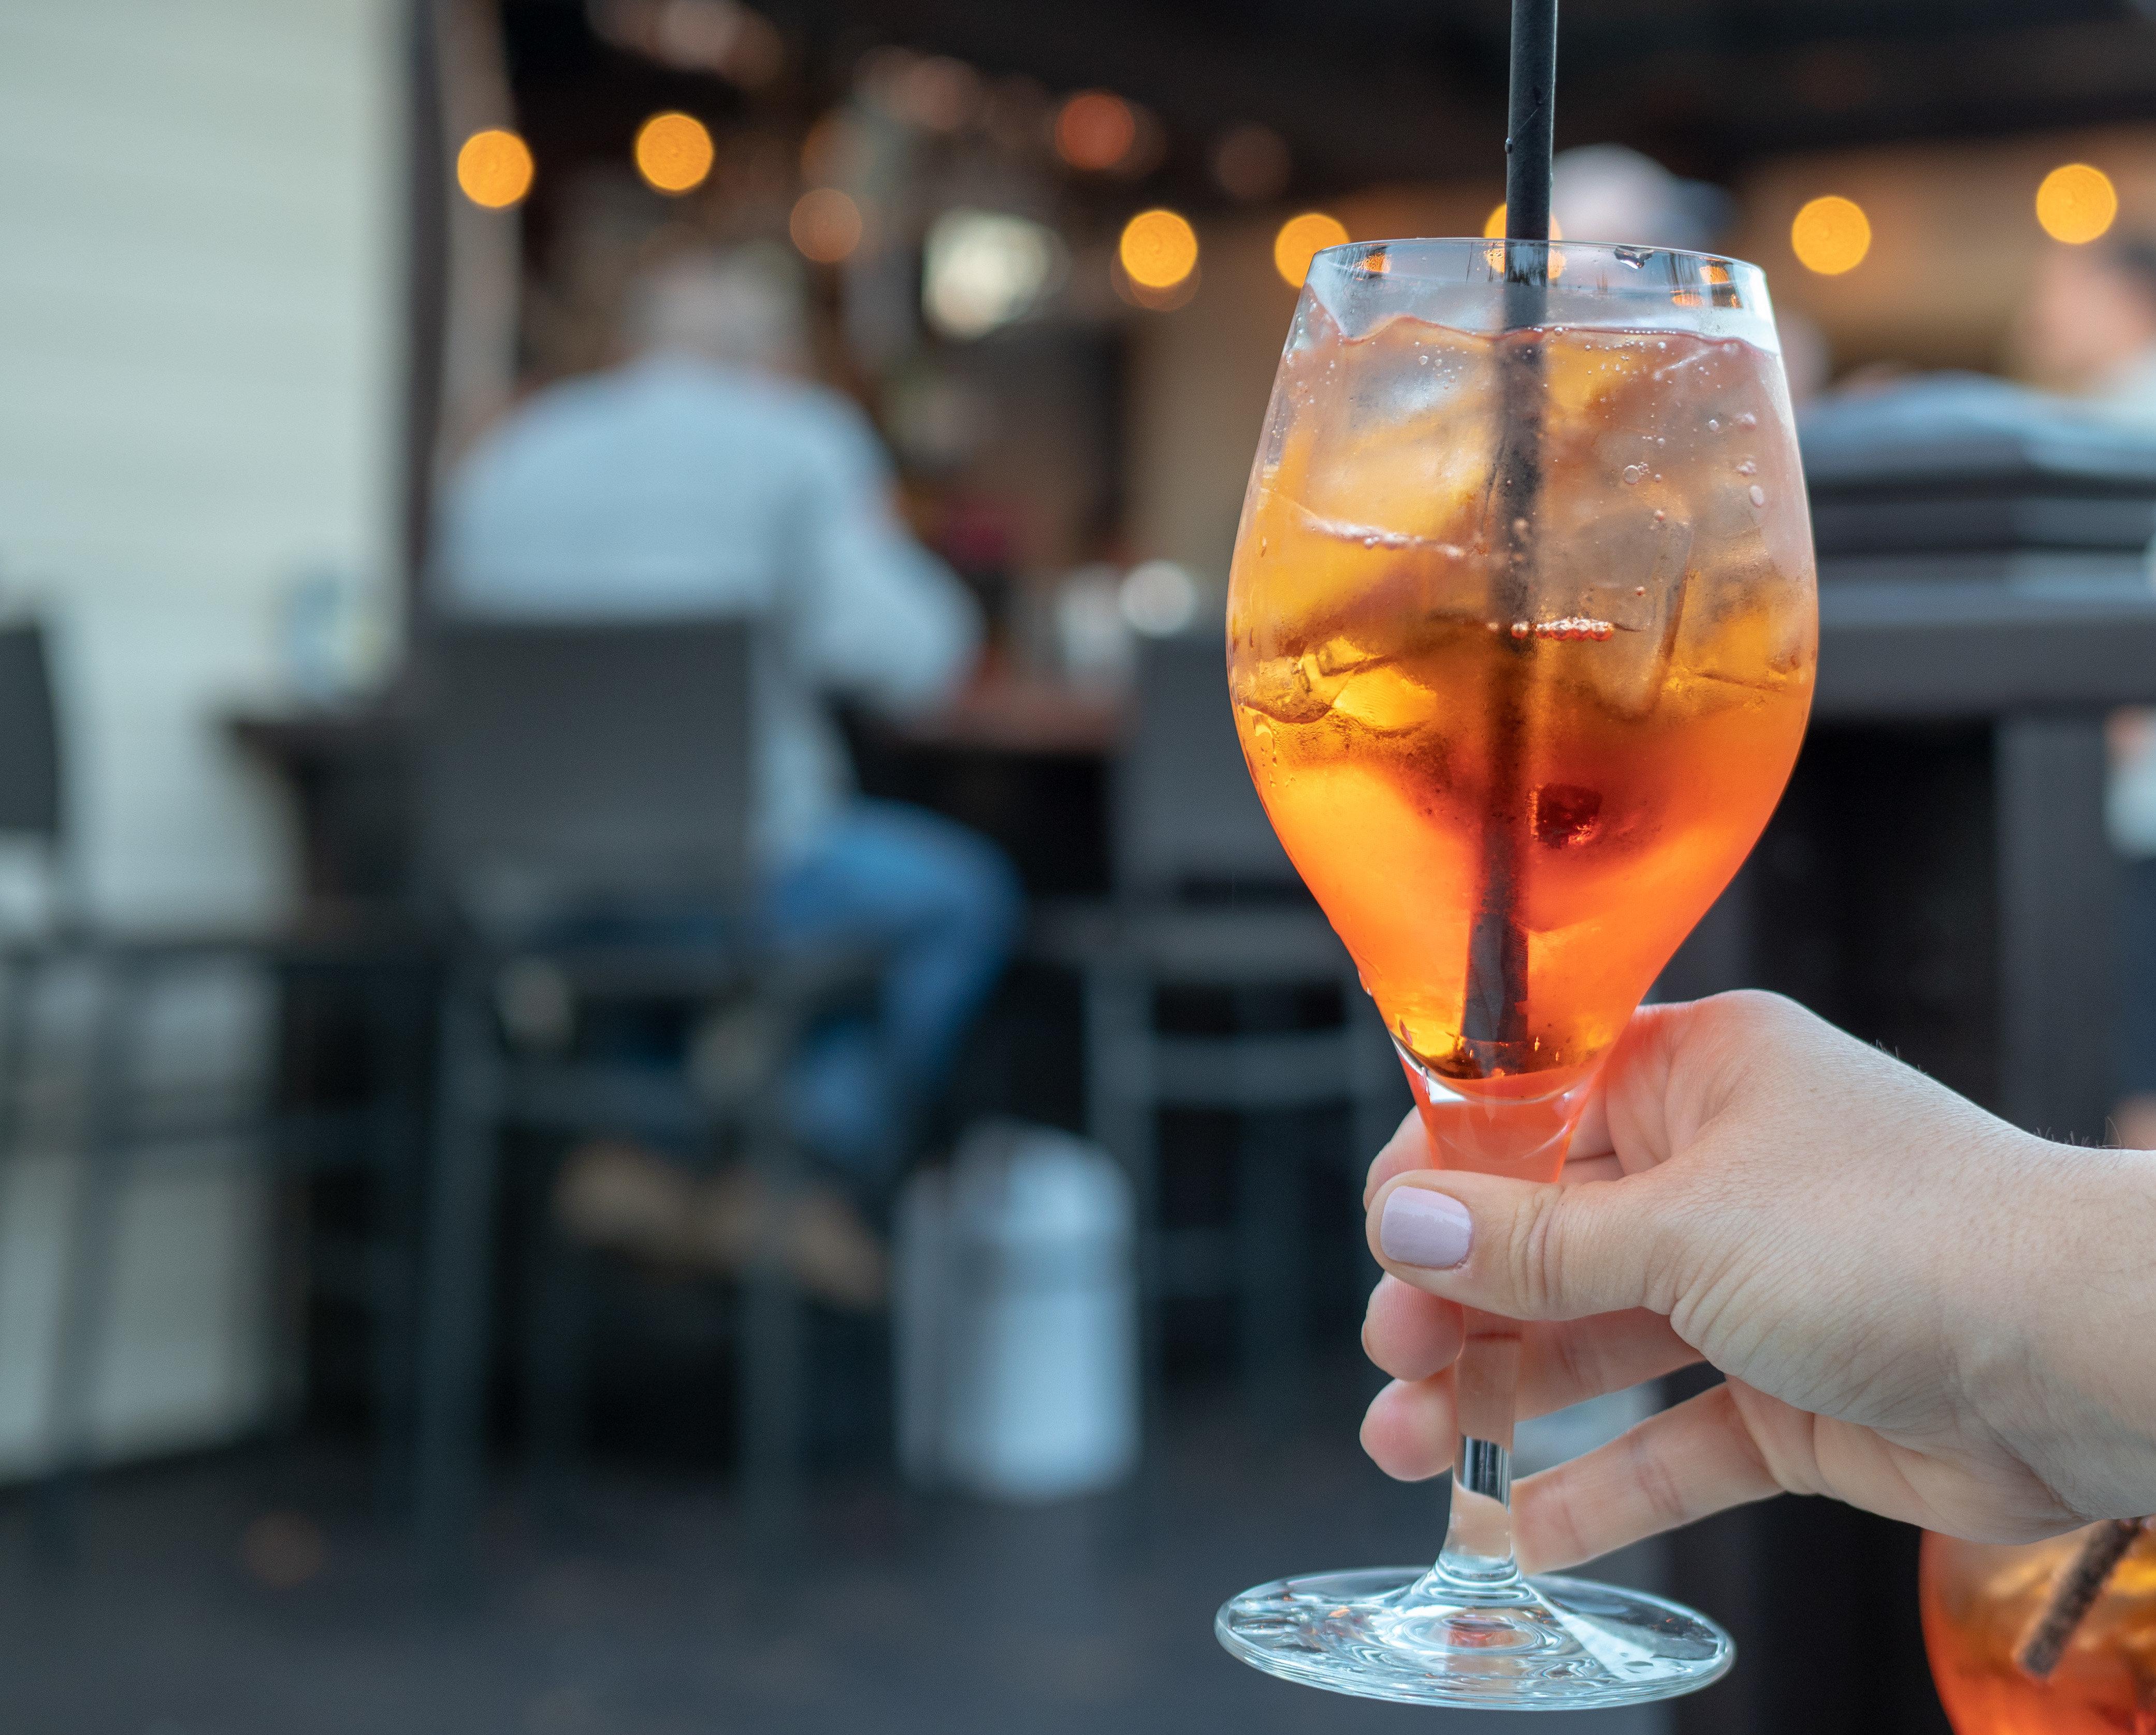 NRW: Zwei Frauen trinken Aperol Spritz – Sekunden später haben sie höllische